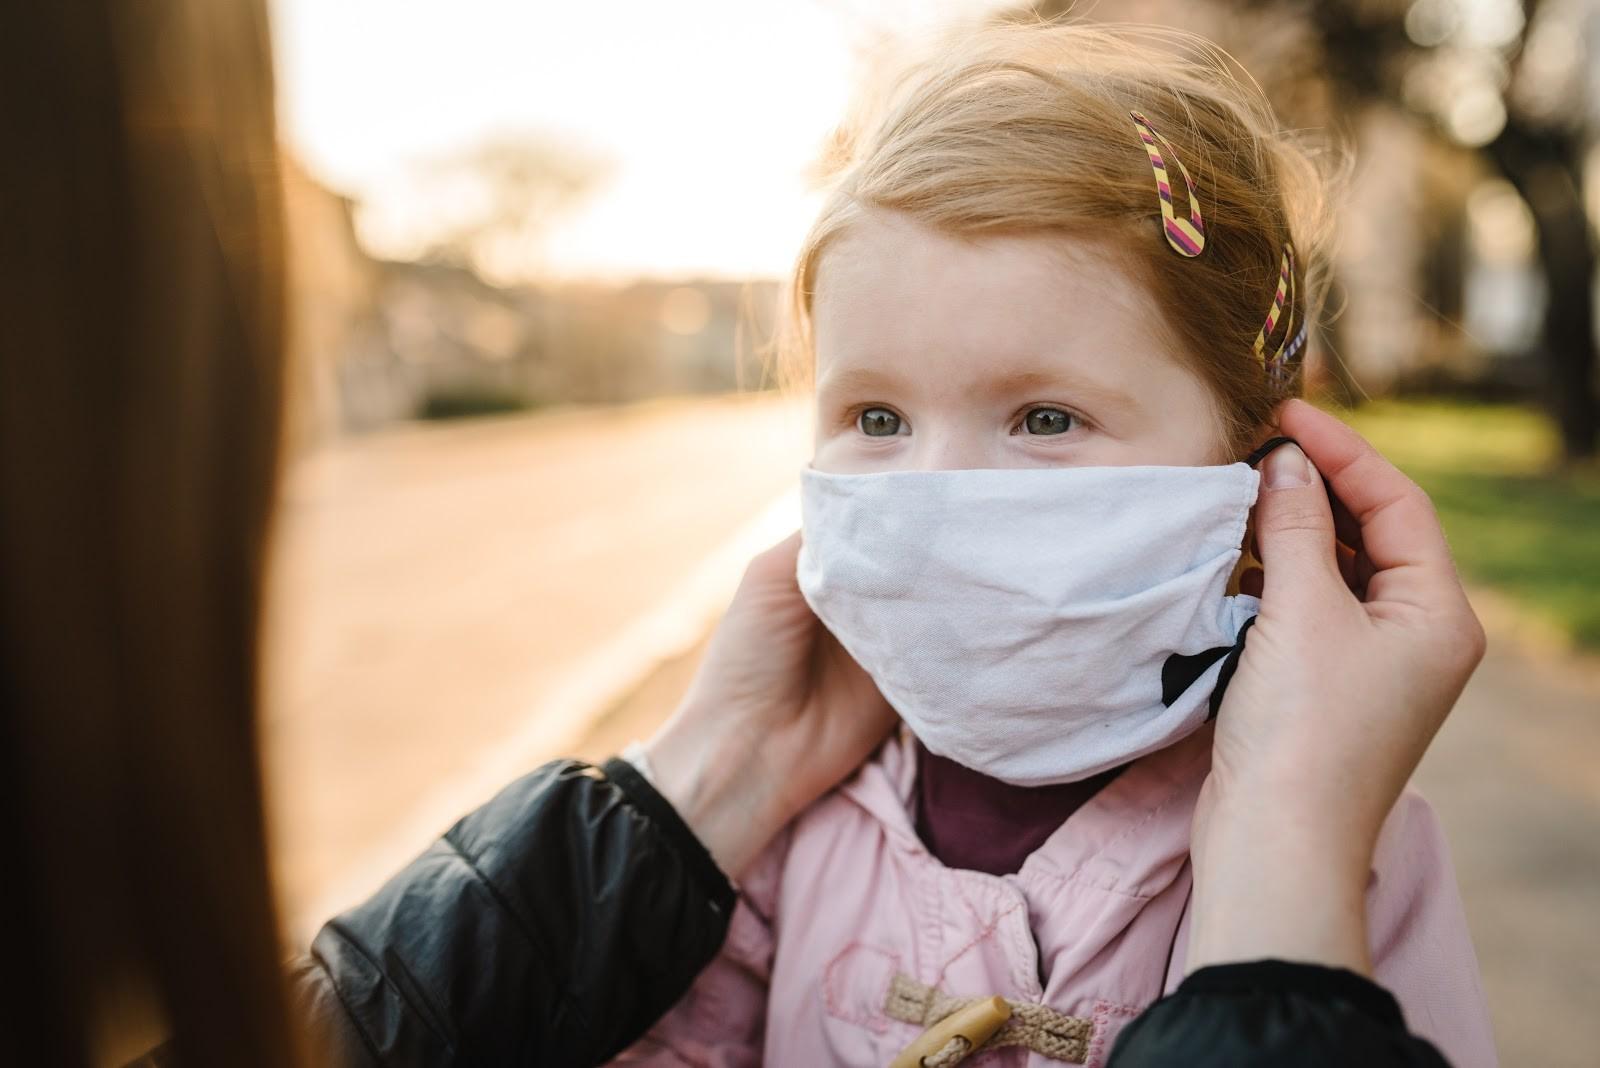 Mãe protegendo a filha colocando mascara nela